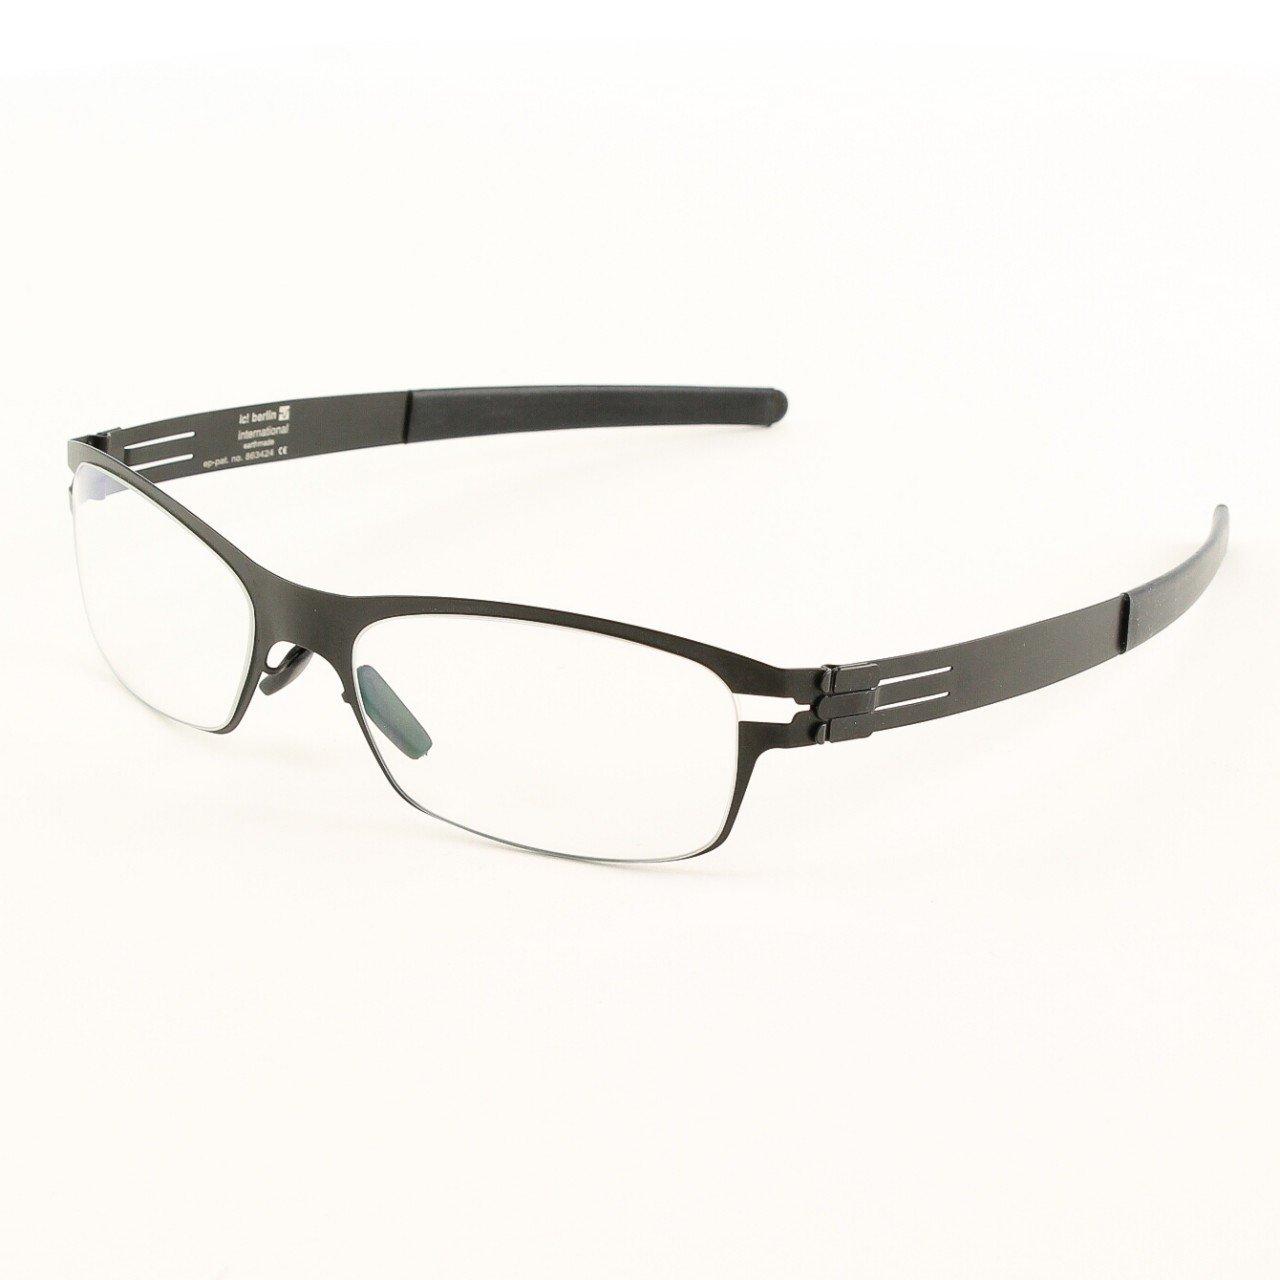 ic! Berlin Tennooji Eyeglasses Col. Black with Clear Lenses